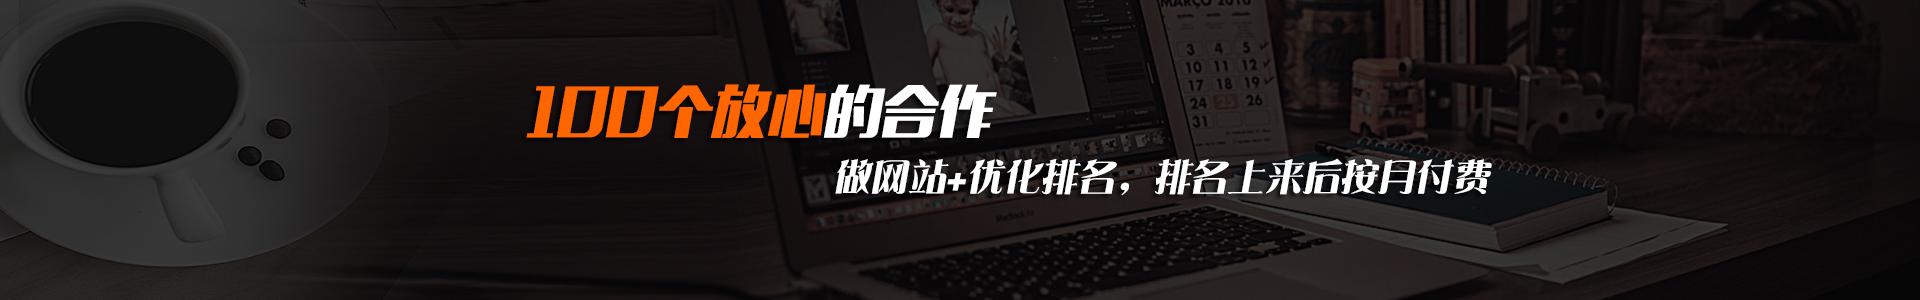 上海网站建设专注企业网站建设,SEO优化服务